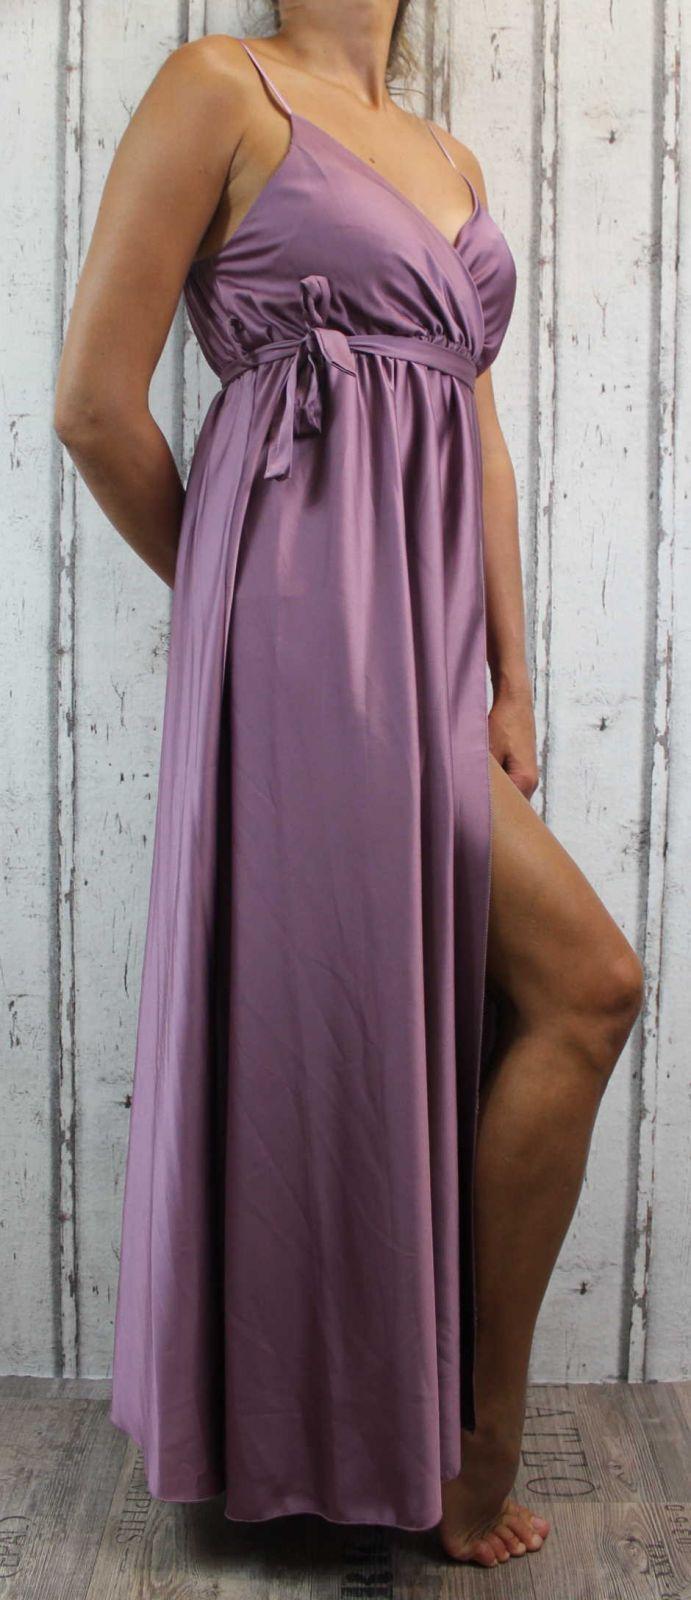 Dámské elegantní šaty, pohodlné šaty, fialové elegantní šaty, dlouhé večerní šaty, šaty na ramínka, plesové dlouhé šaty, sexy dlouhé šaty, společenské dlouhé šaty Italy Moda